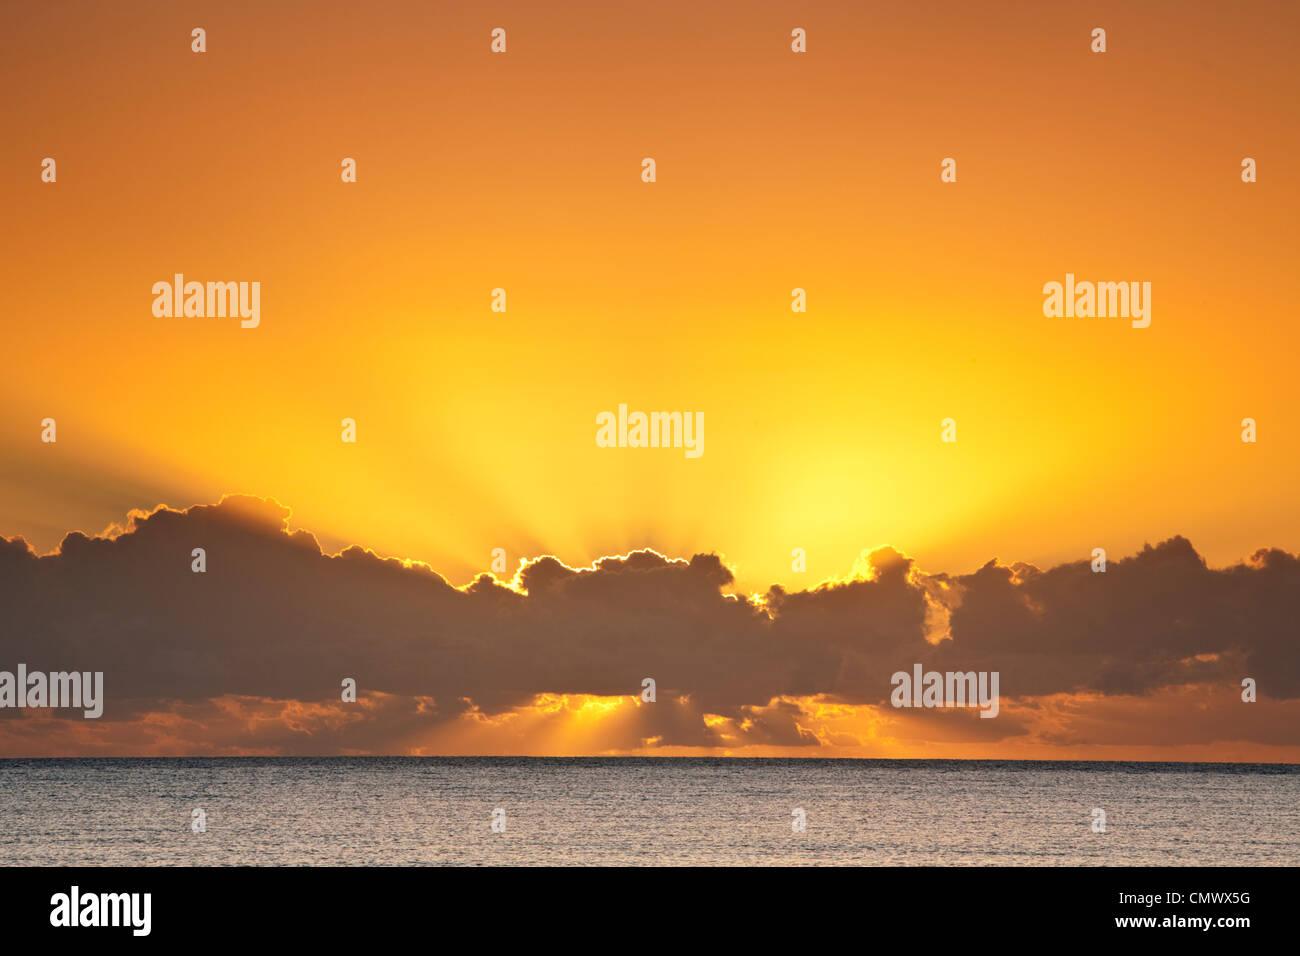 Le lever du soleil sur la mer de Corail. Kewarra Beach, Cairns, Queensland, Australie Photo Stock